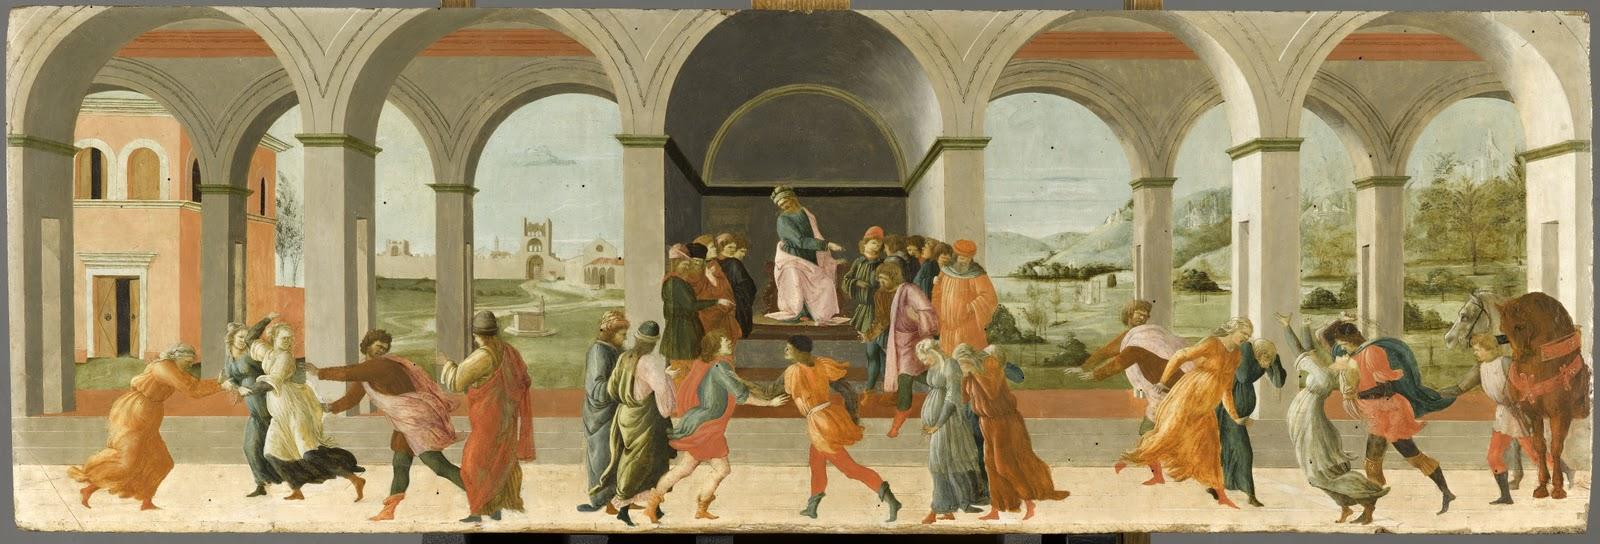 The Story of Virginia,  Filippino Lippi